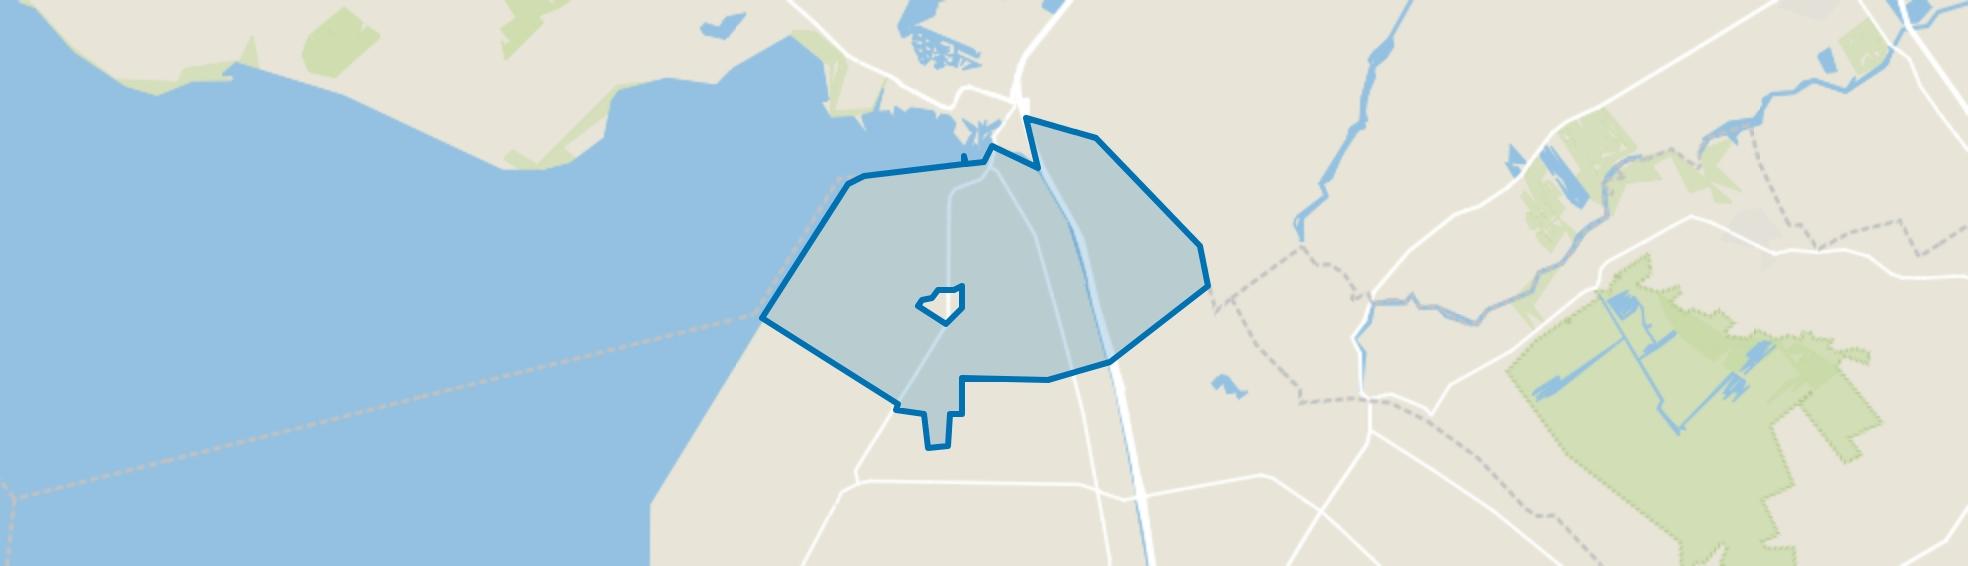 Rutten-landelijk gebied, Rutten map